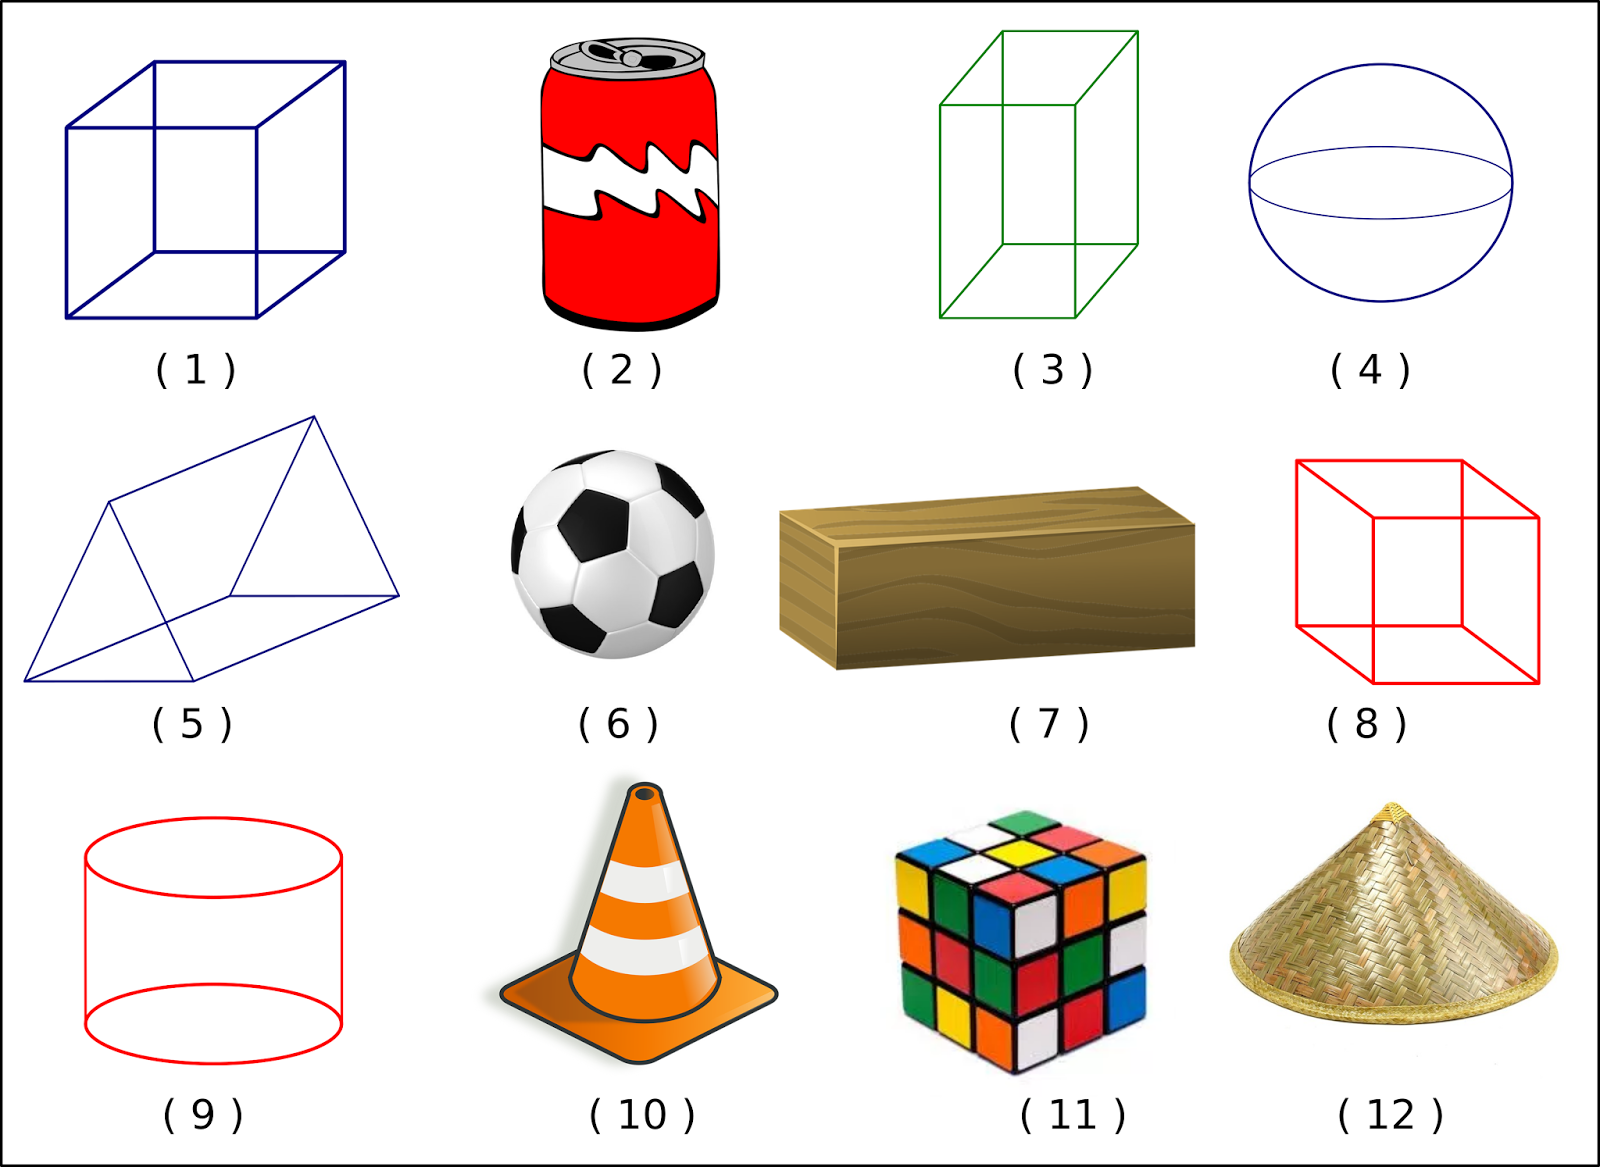 Download Soal Matematika Kelas 1 Sd Bab 4 Bangun Ruang Dan